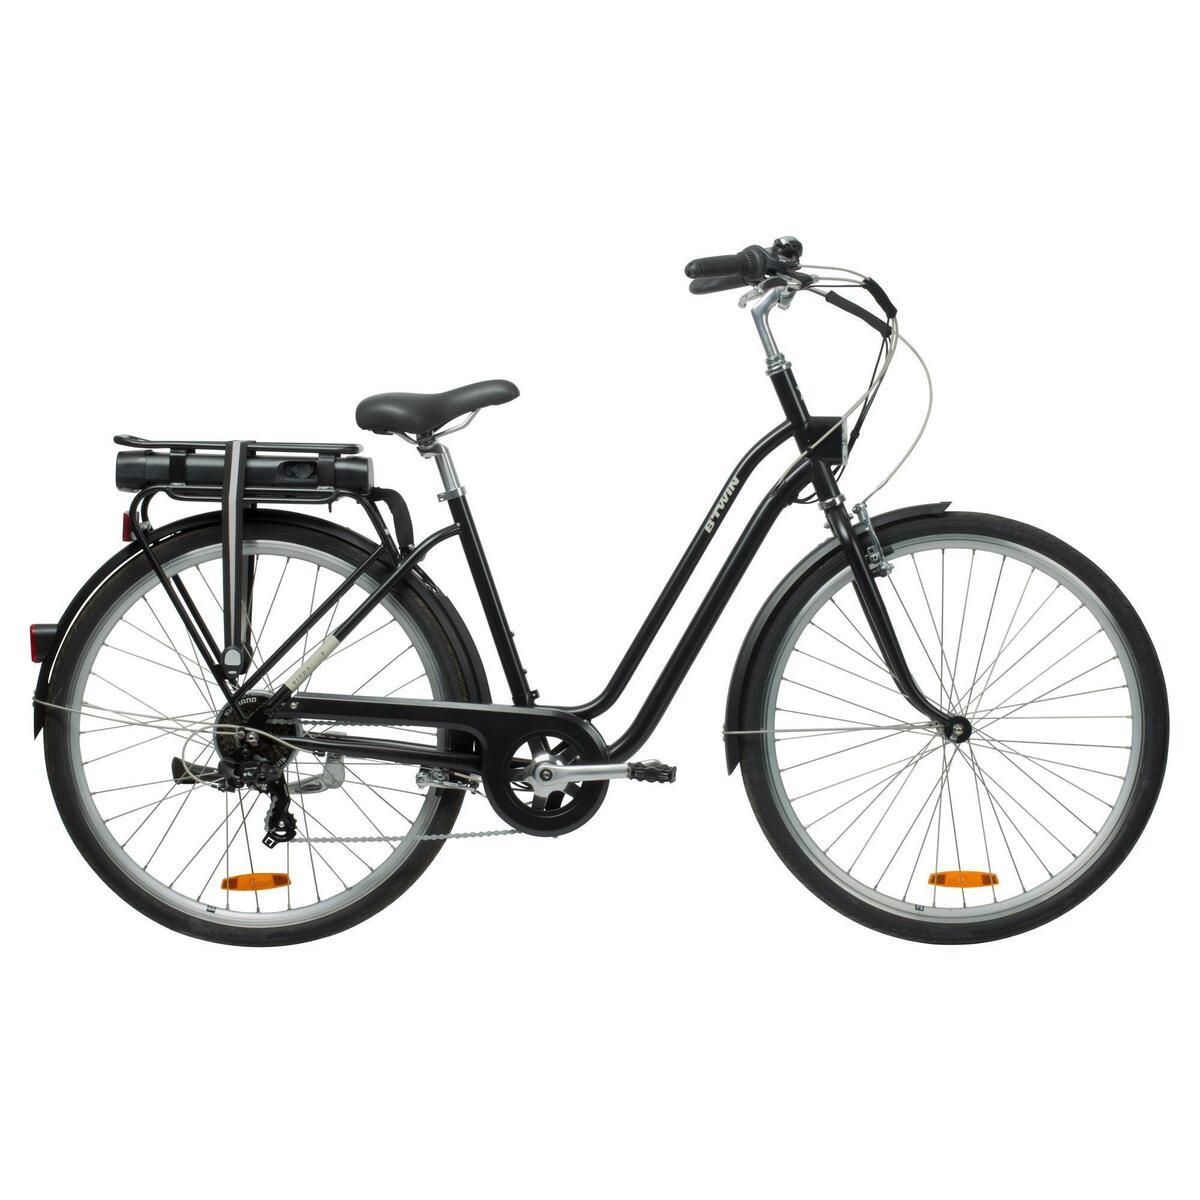 Bild 1 von E-Bike City Bike 28 Zoll Elops 500E LF schwarz